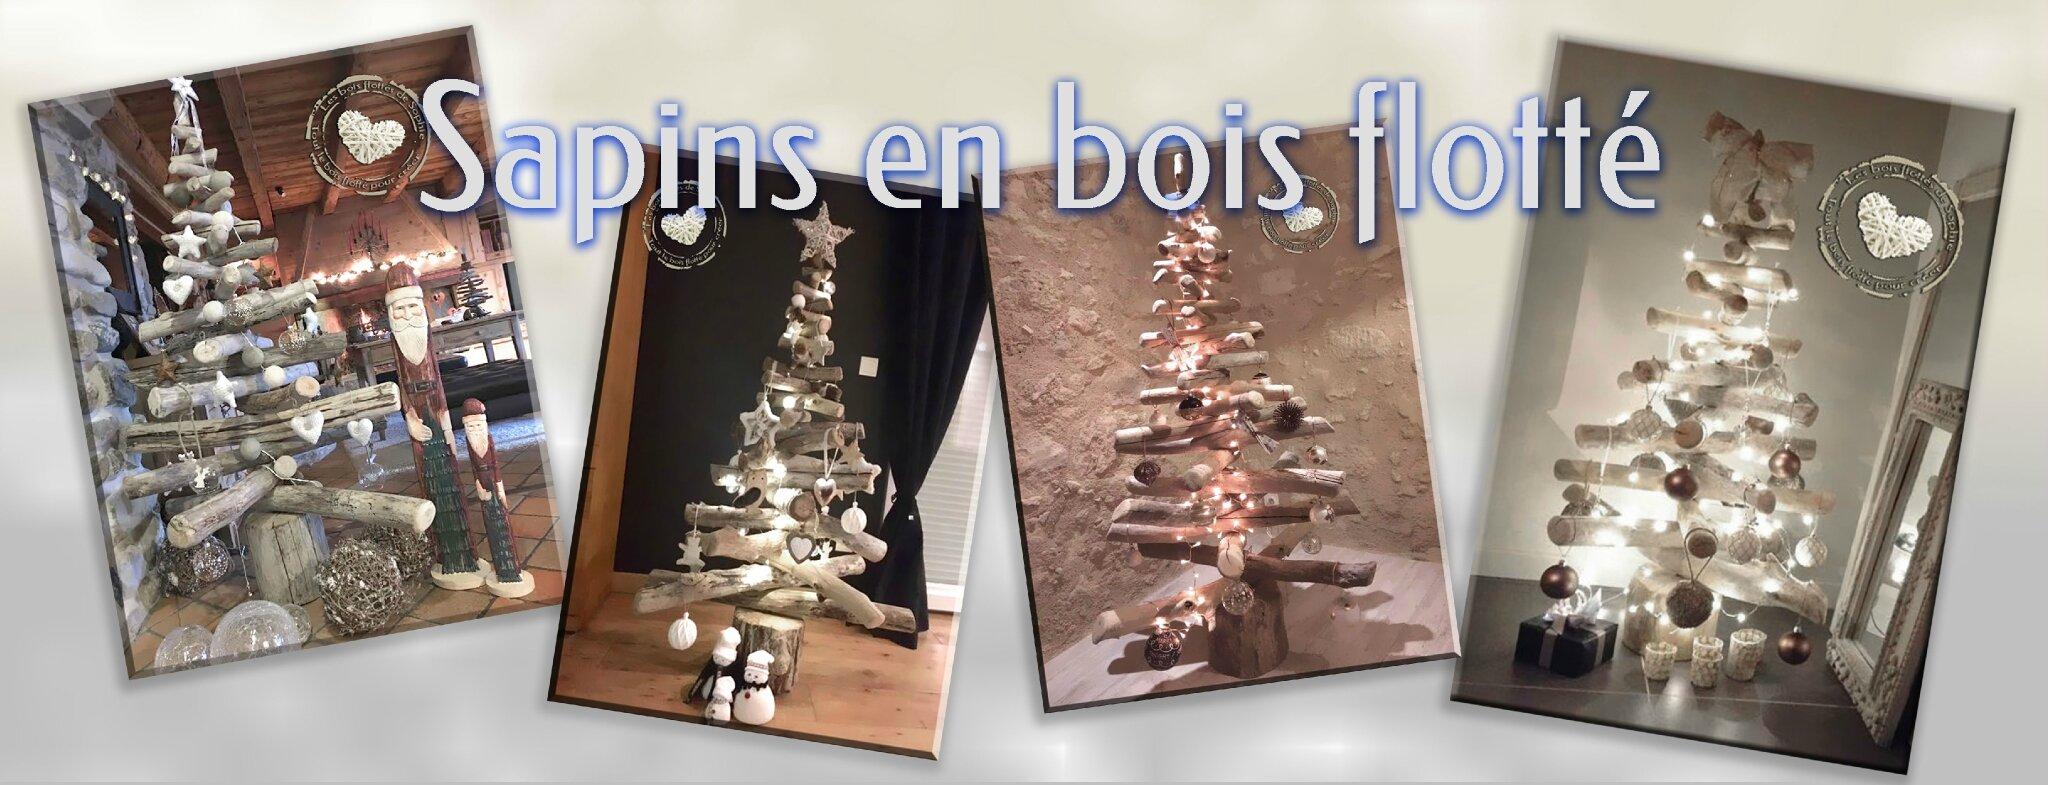 Sapins En Bois Flotte Bois Flotte Pour La Creation De Decoration D